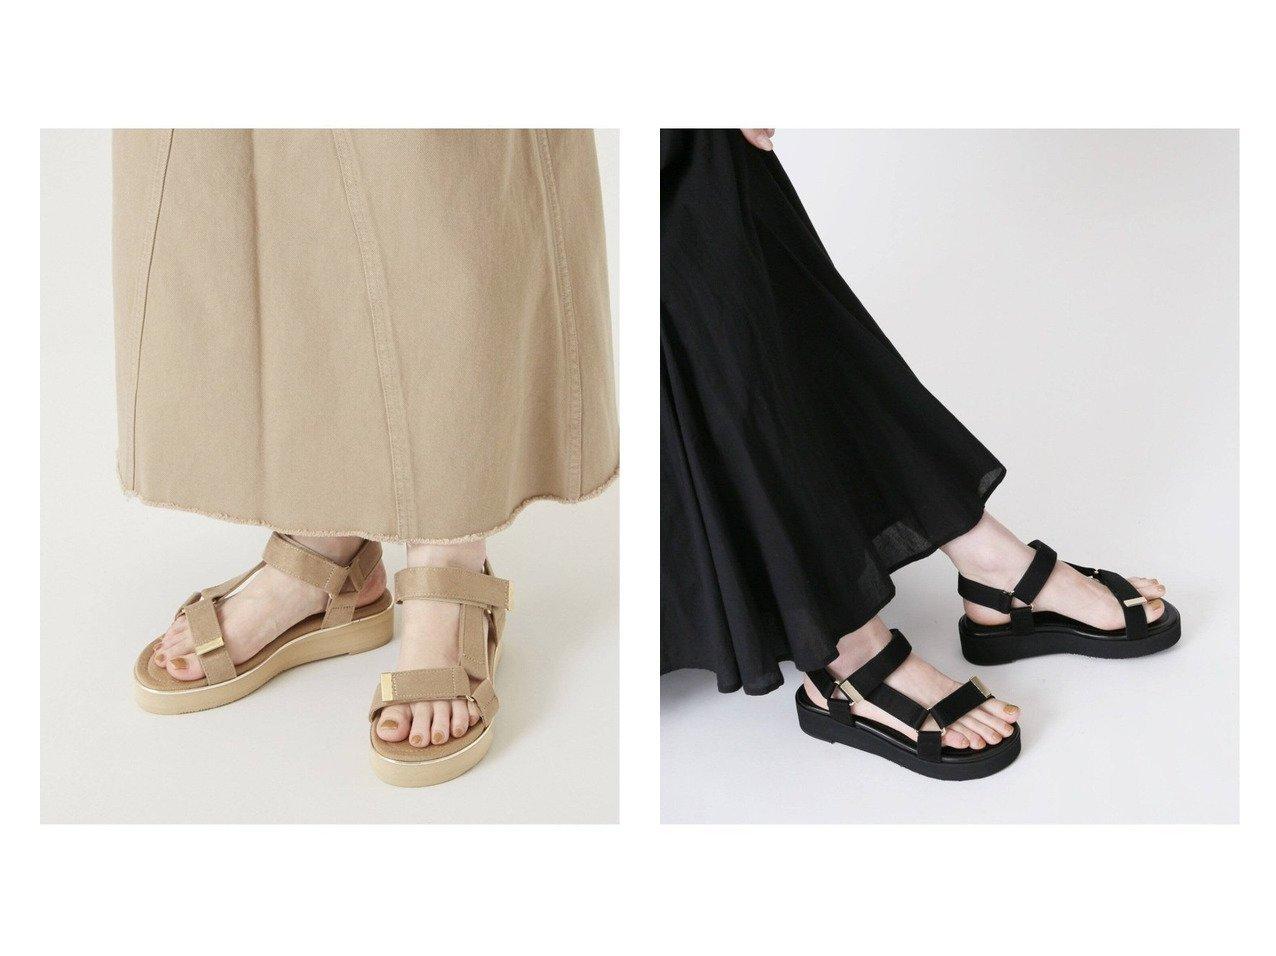 【Le Talon/ル タロン】のGRISE アツゾコストラップサンダル 【シューズ・靴】おすすめ!人気、トレンド・レディースファッションの通販   おすすめで人気の流行・トレンド、ファッションの通販商品 インテリア・家具・メンズファッション・キッズファッション・レディースファッション・服の通販 founy(ファニー) https://founy.com/ ファッション Fashion レディースファッション WOMEN インソール サンダル シューズ ソックス フラット ミュール メタル ラップ 2021年 2021 再入荷 Restock/Back in Stock/Re Arrival S/S・春夏 SS・Spring/Summer 2021春夏・S/S SS/Spring/Summer/2021 NEW・新作・新着・新入荷 New Arrivals |ID:crp329100000050469